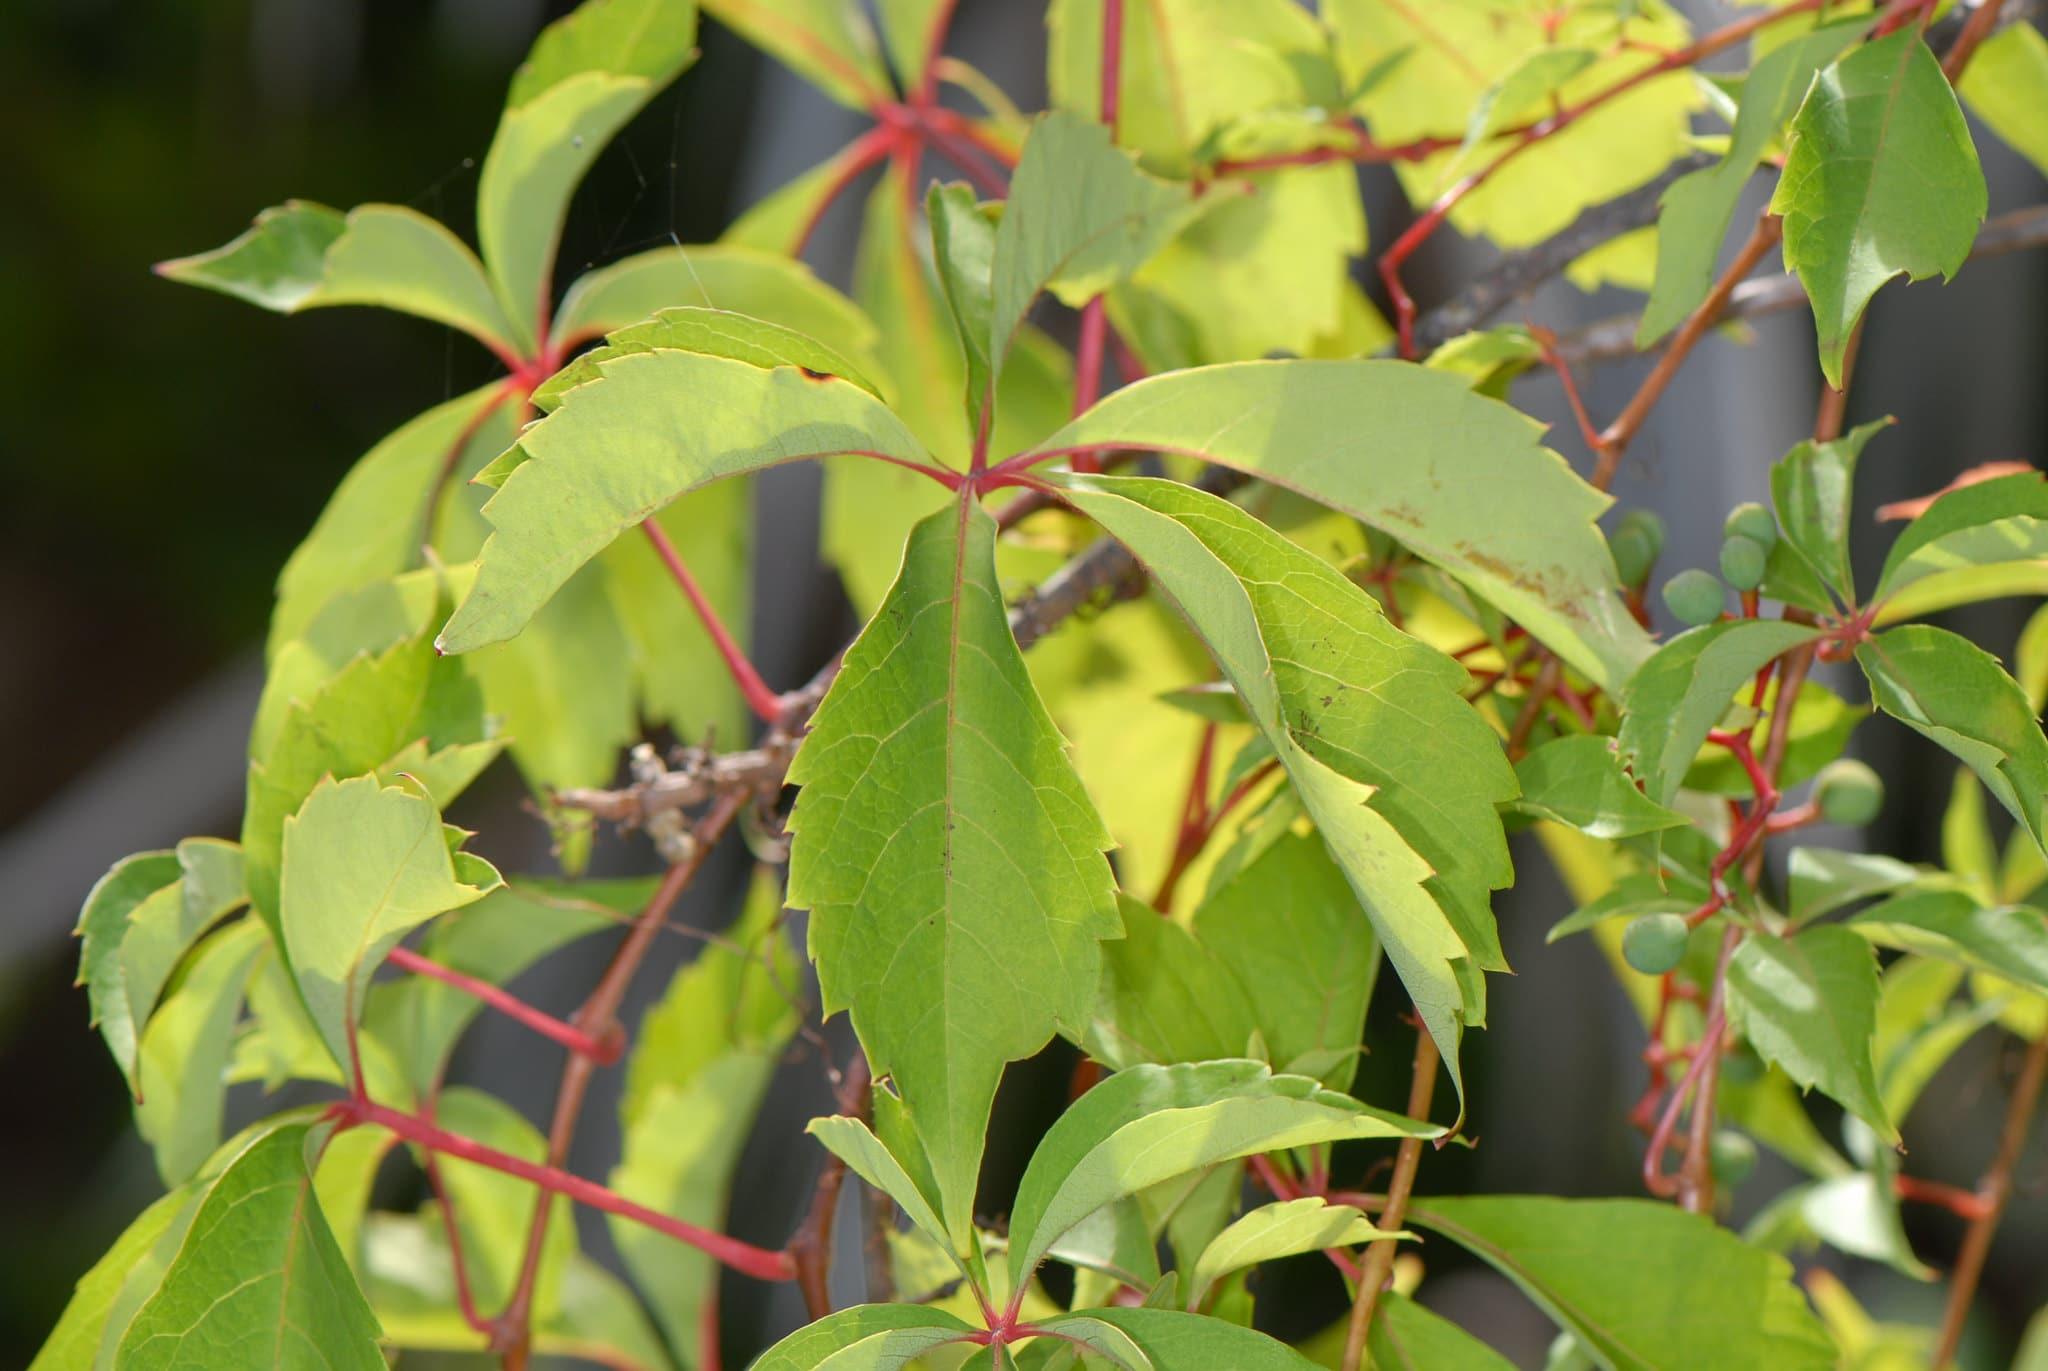 El parthenocissus quinquefolia es una enredadera